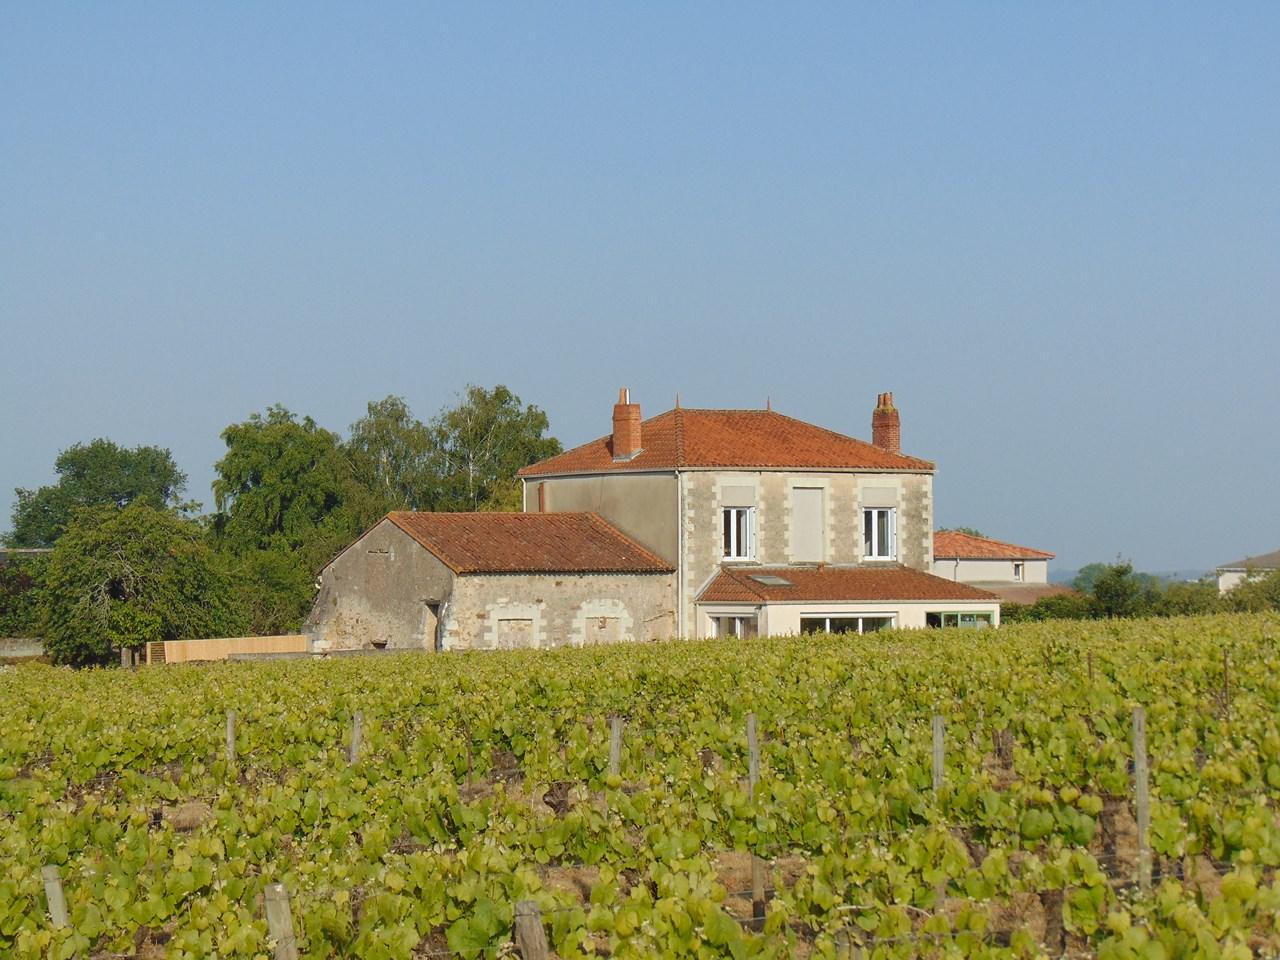 Les Jardins De La Robinière domaine viticole chÂteau de fromenteau à vallet